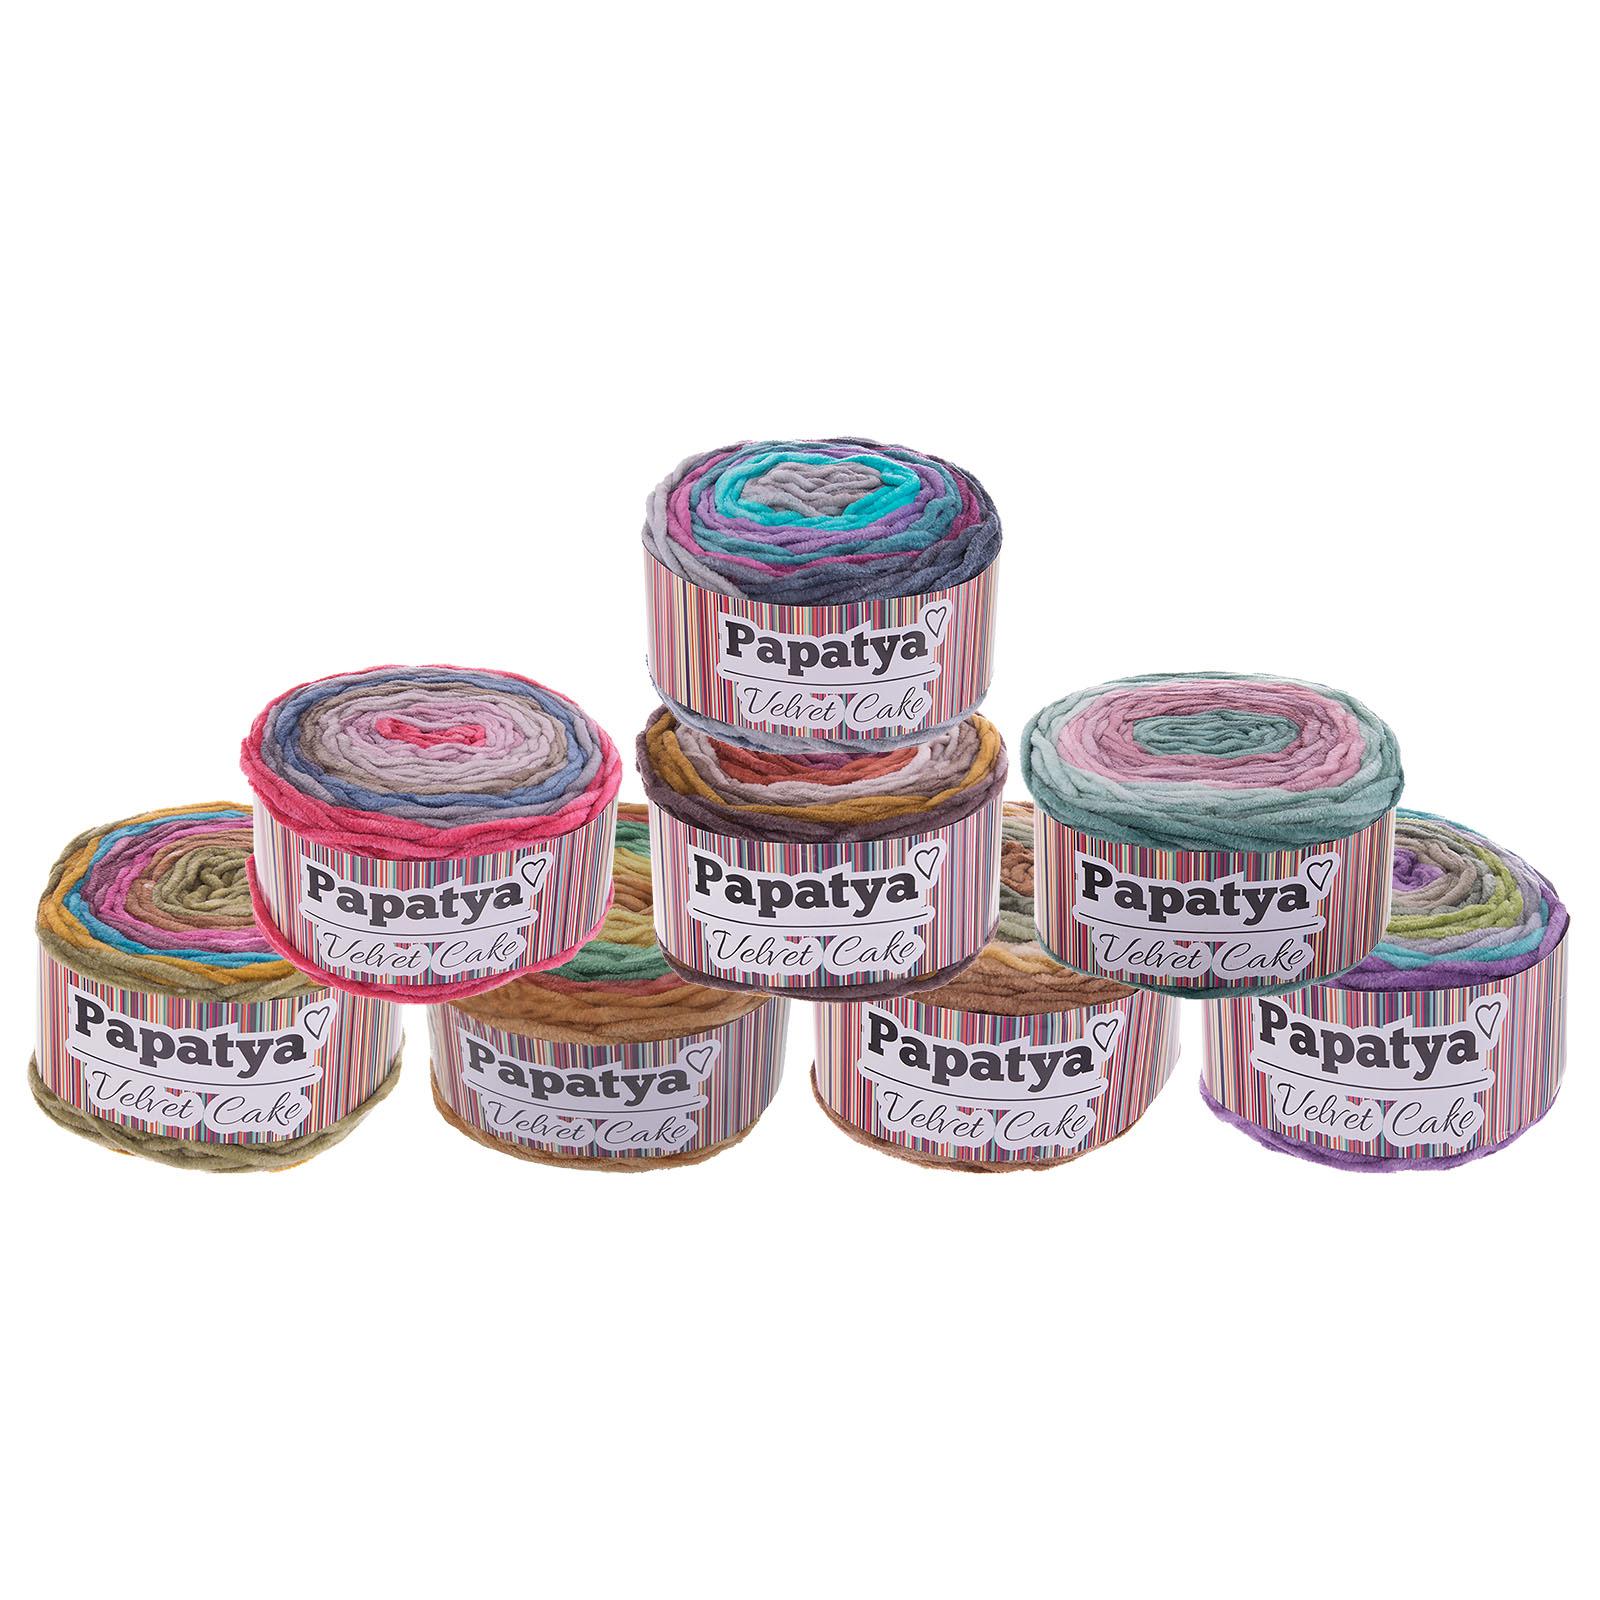 150g Farbverlaufsgarn Papatya Velvet Cake Bobbel Chenille-Strickgarn Strick-Wolle Strickgarn Farbwahl – Bild 1